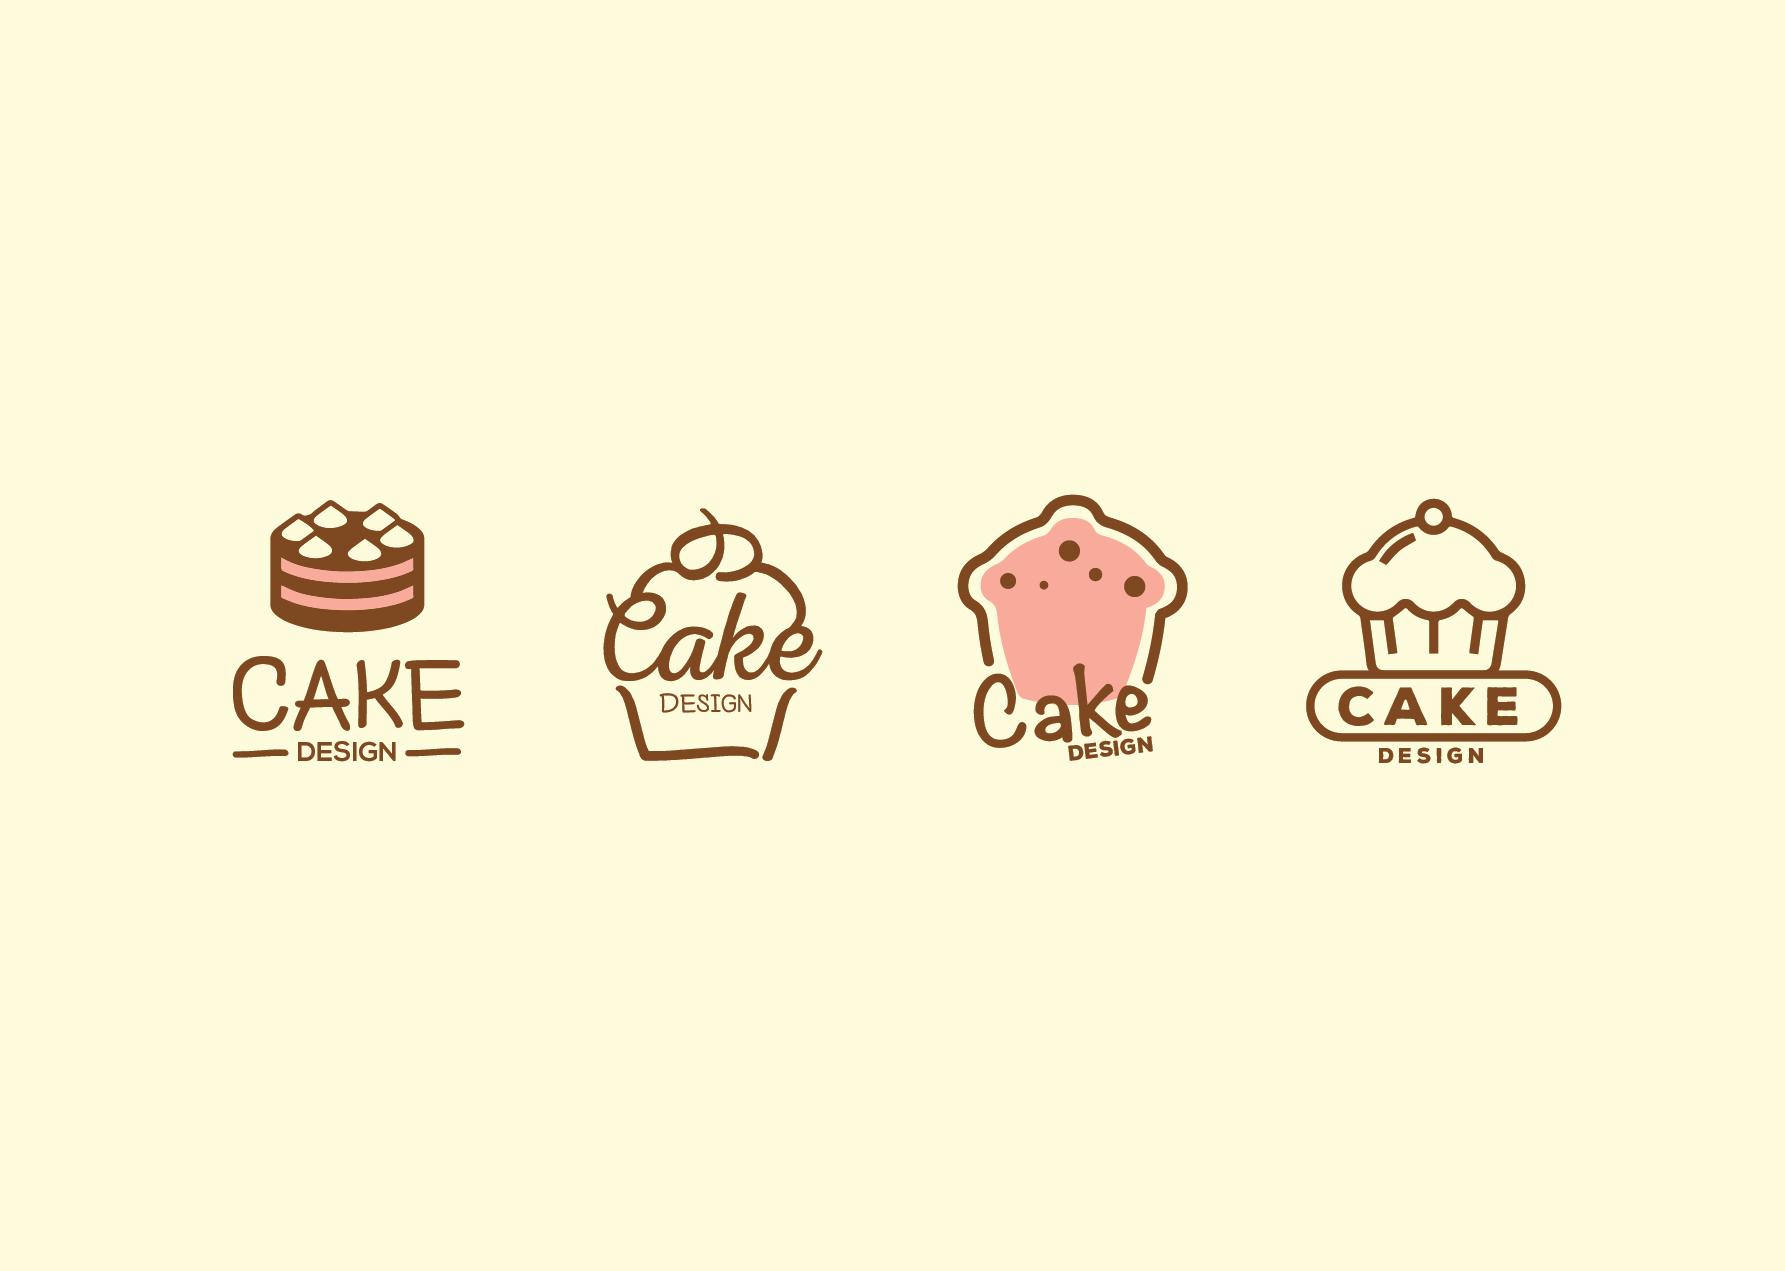 cake design logos